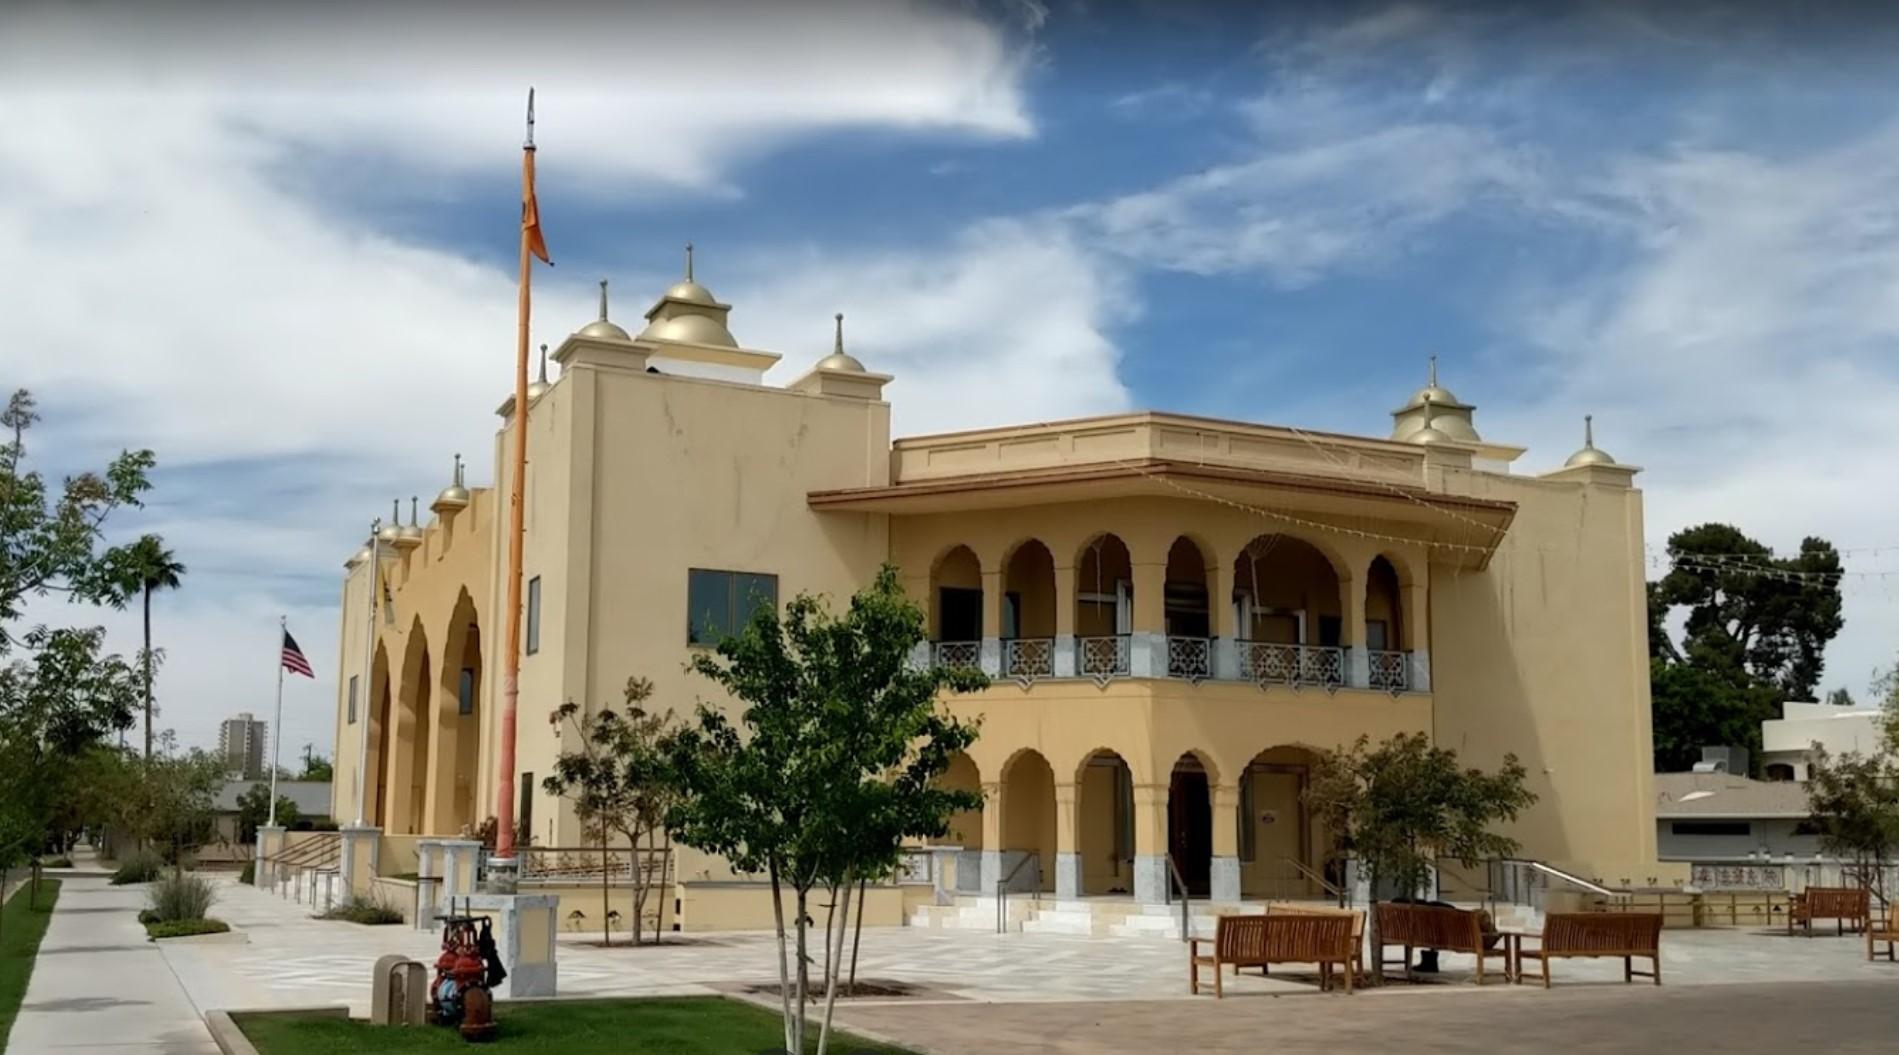 Gurdwara Sahib Guru Nanak Dwara -Phoenix